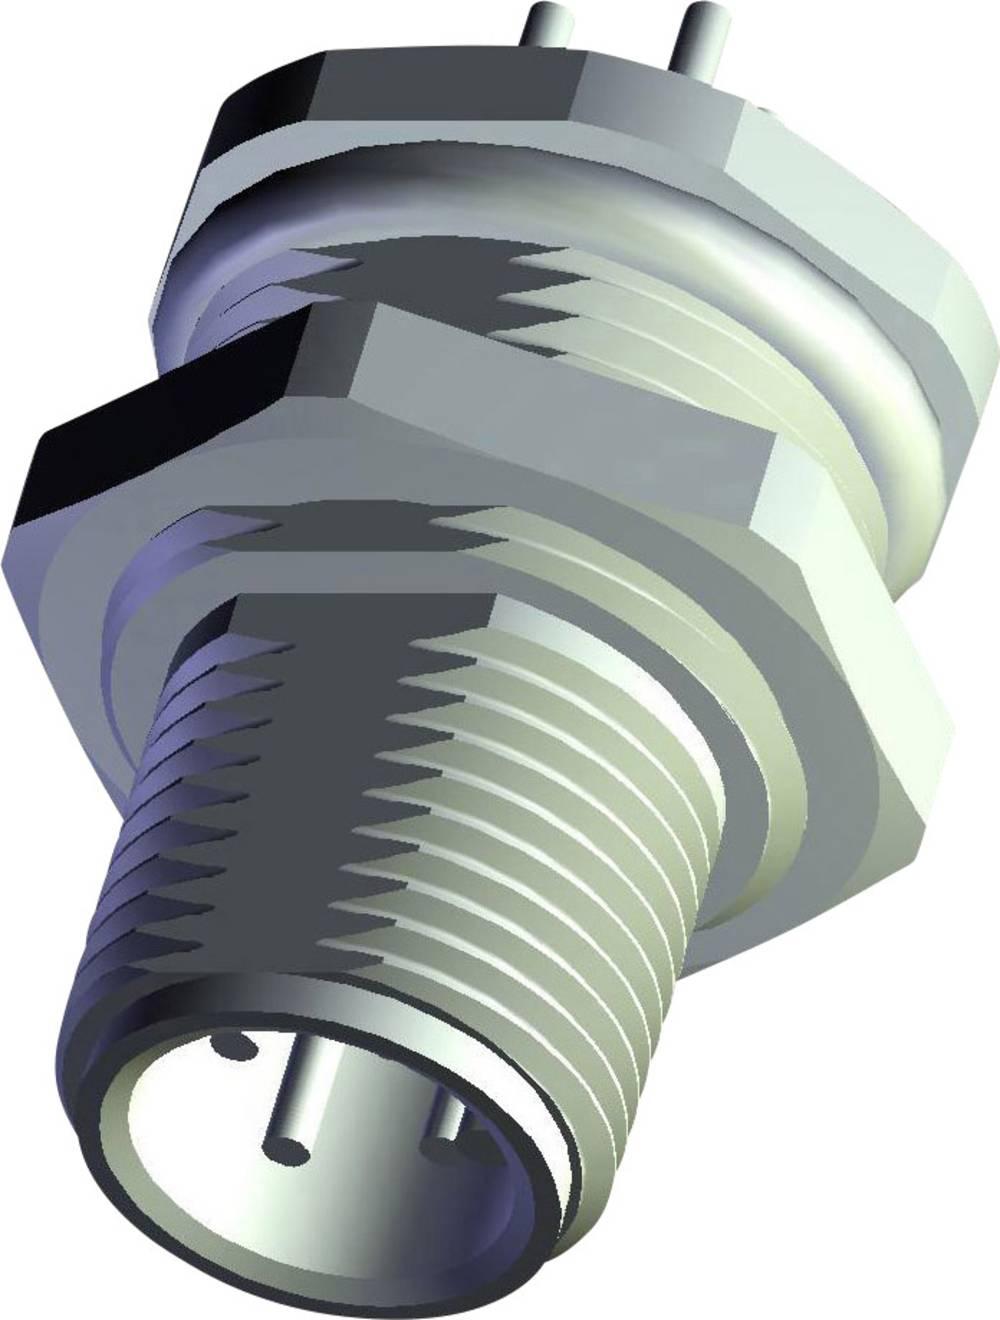 Aktuatorsko-senzorski vtični priključek M12, vgradni vtič 6-2271140-2 TE Connectivity vsebina: 1 kos